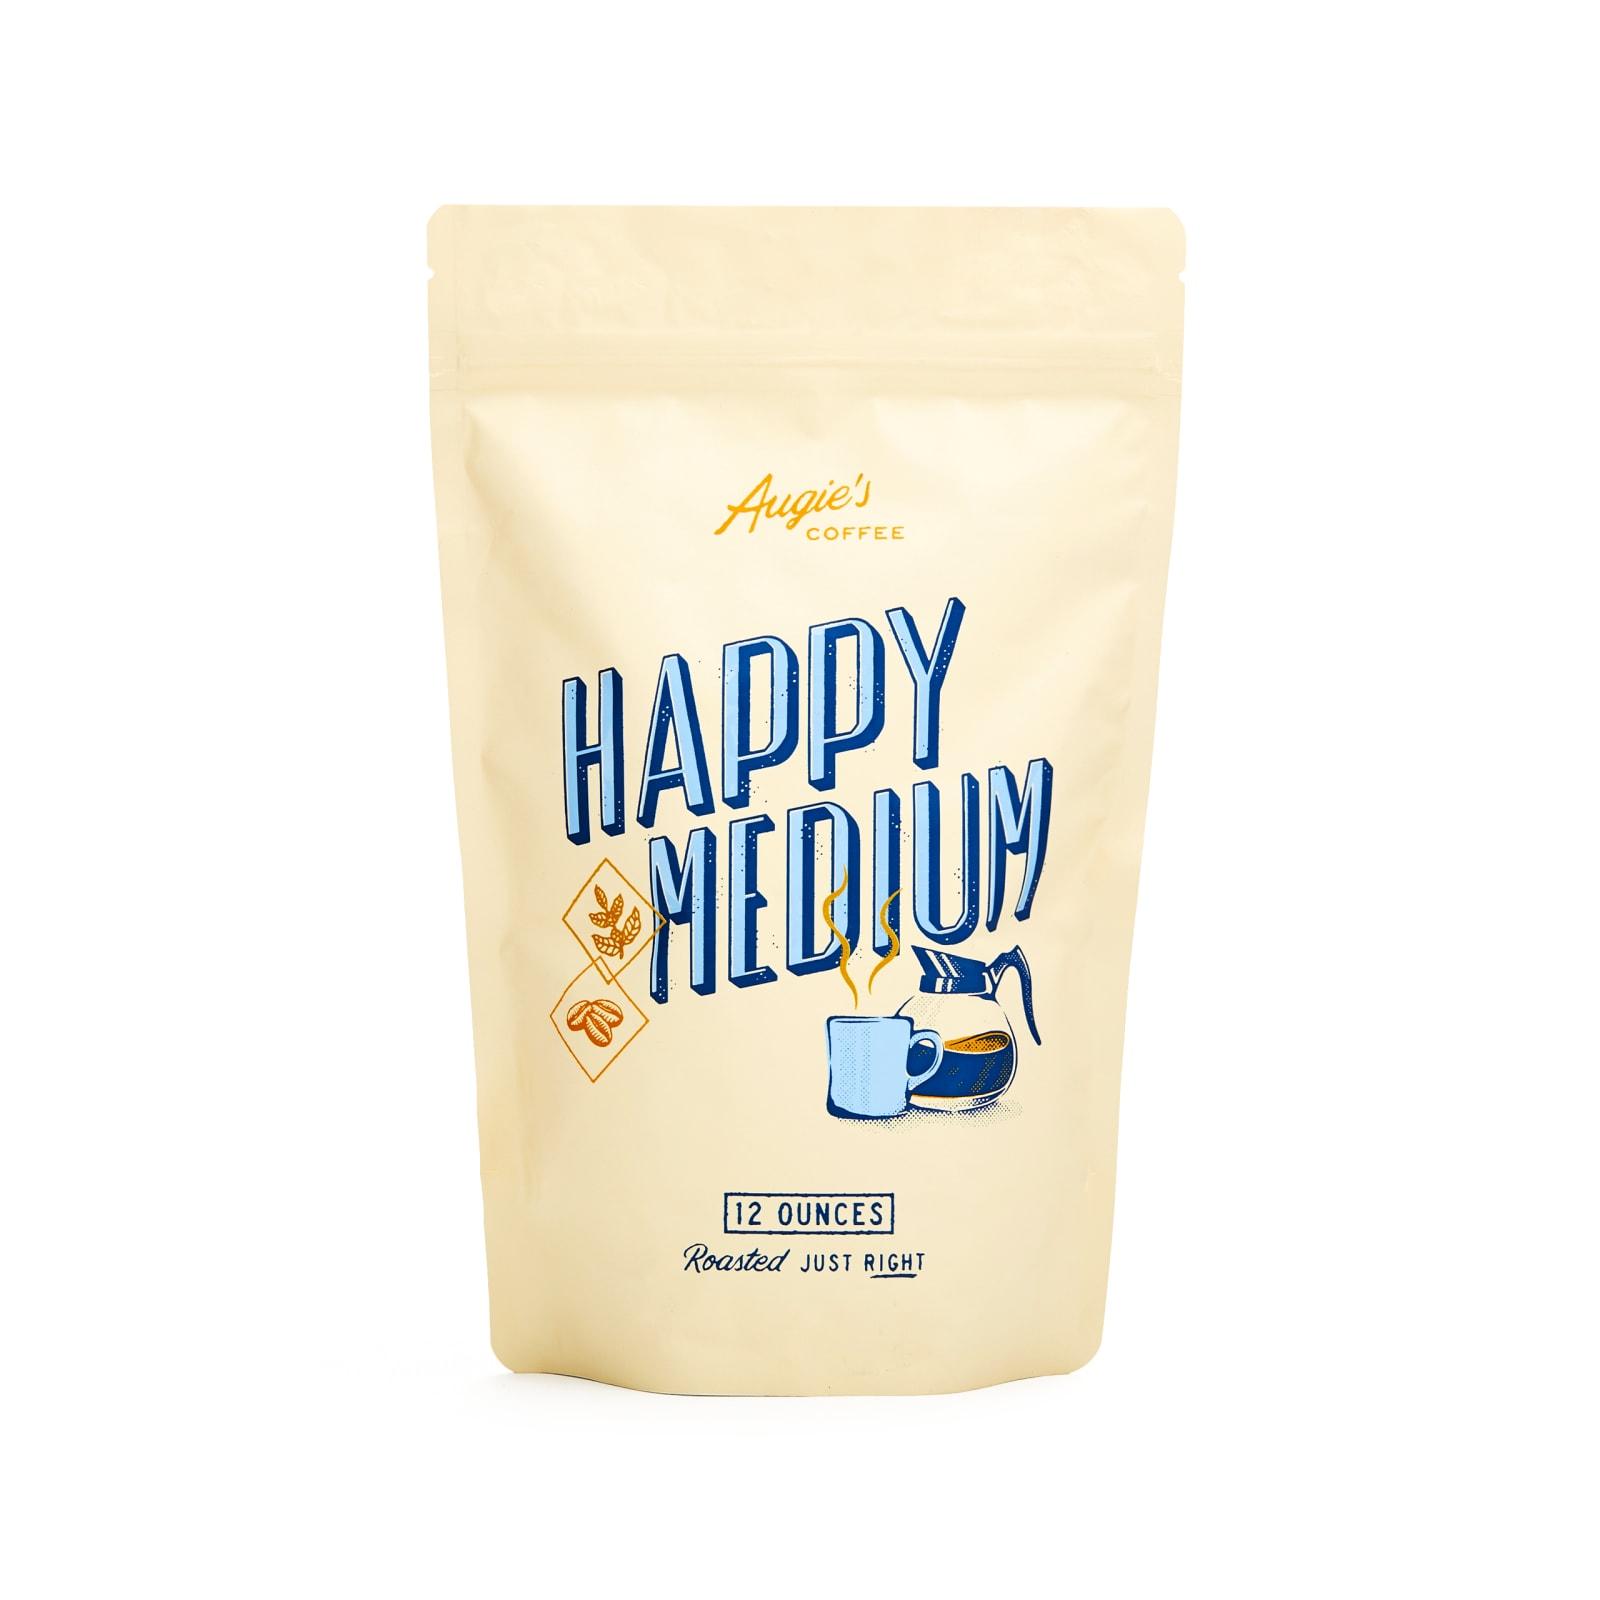 Happy Medium - 5 lb bag